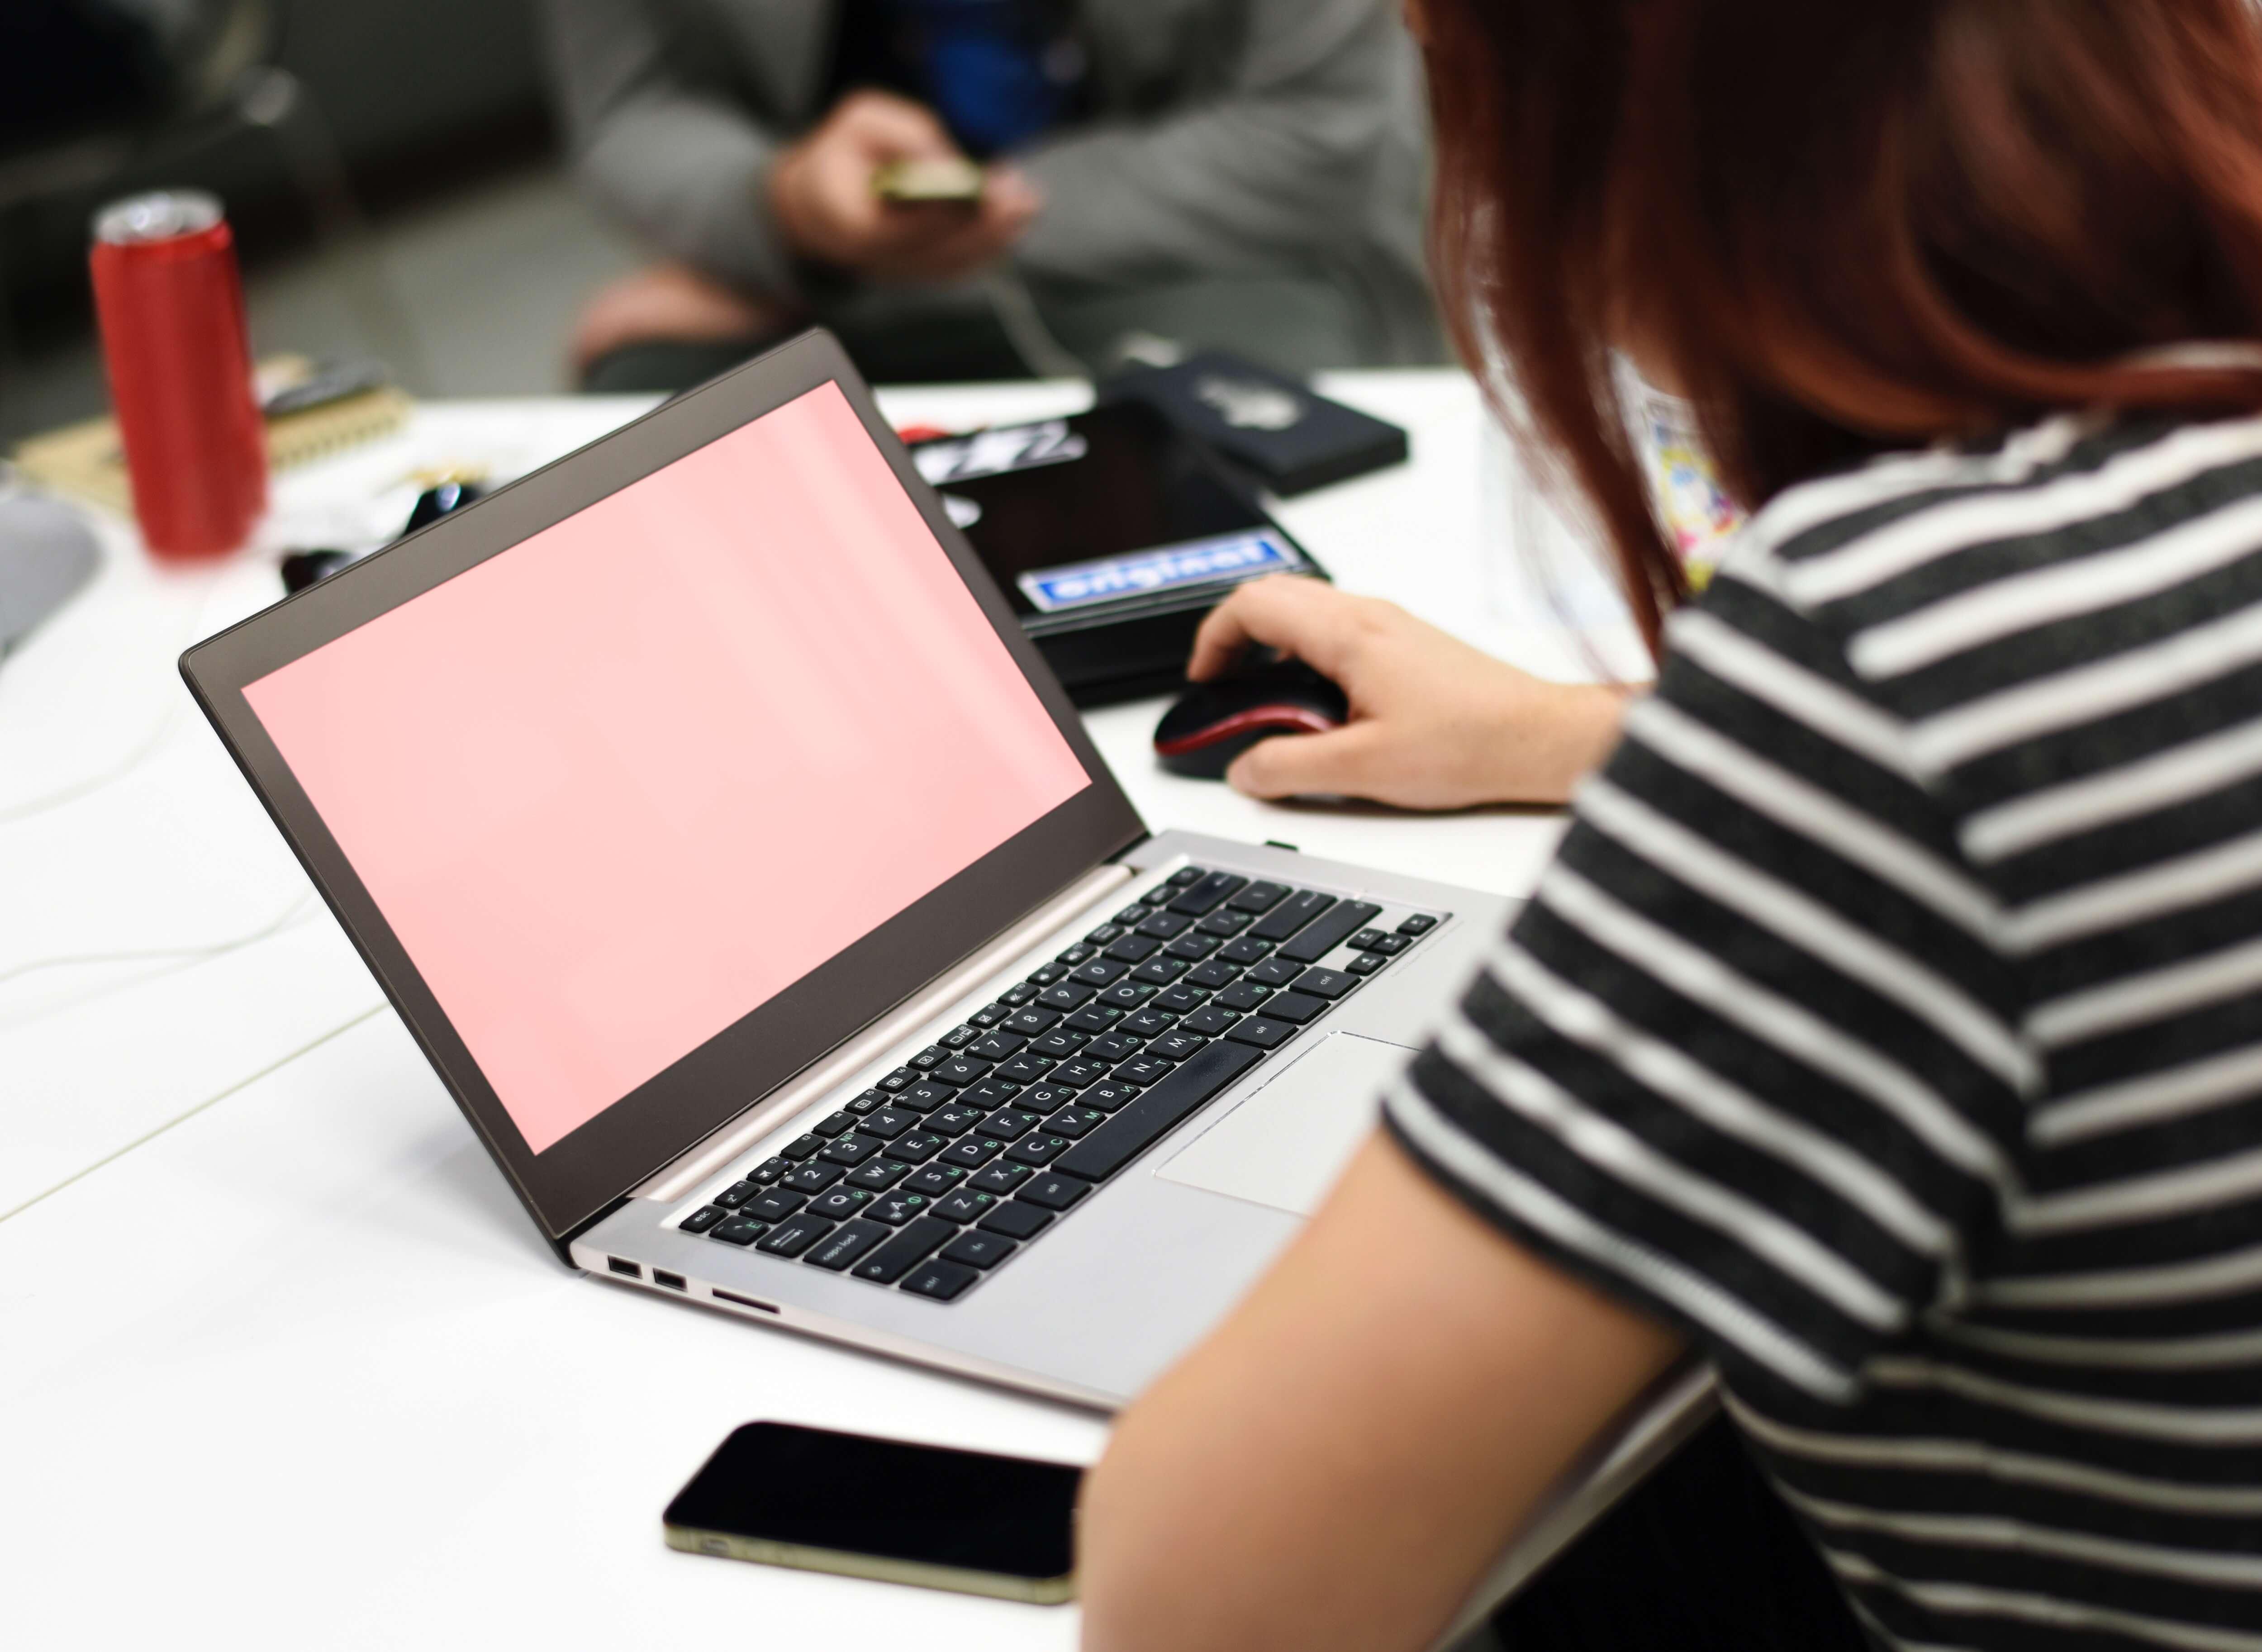 Frau sitzt an einem Tisch und arbeitet mit einem Computer